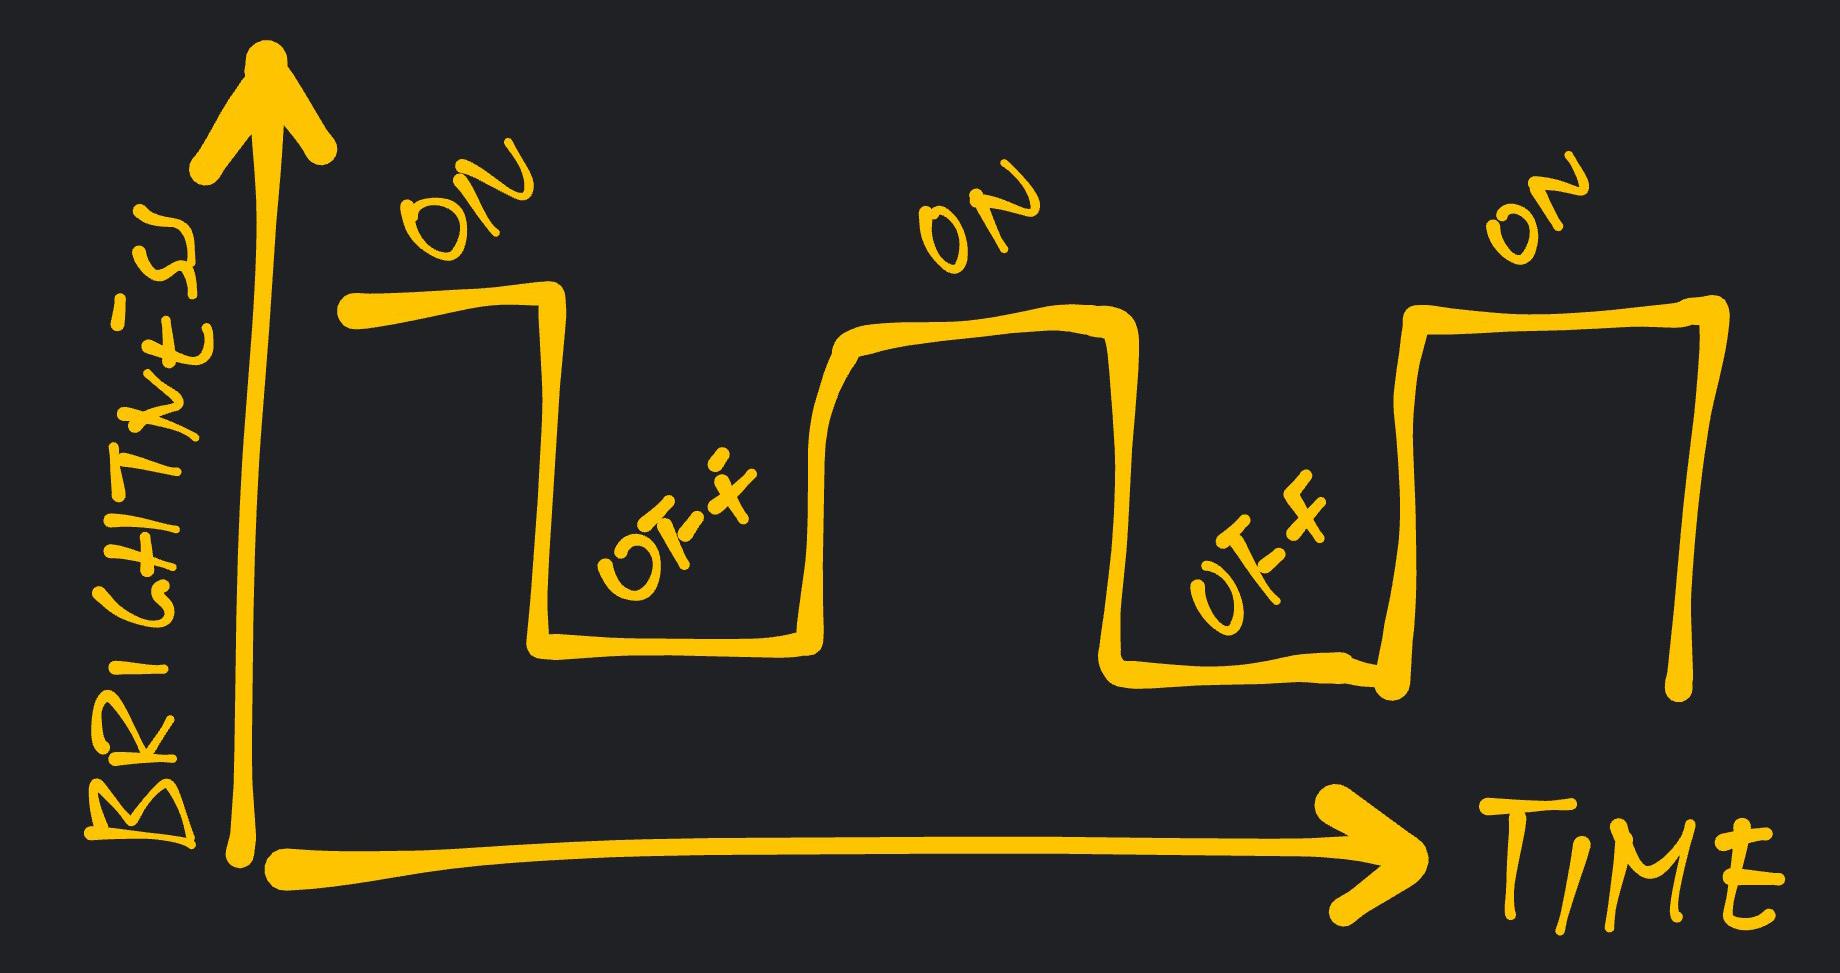 On - Off - On - Off